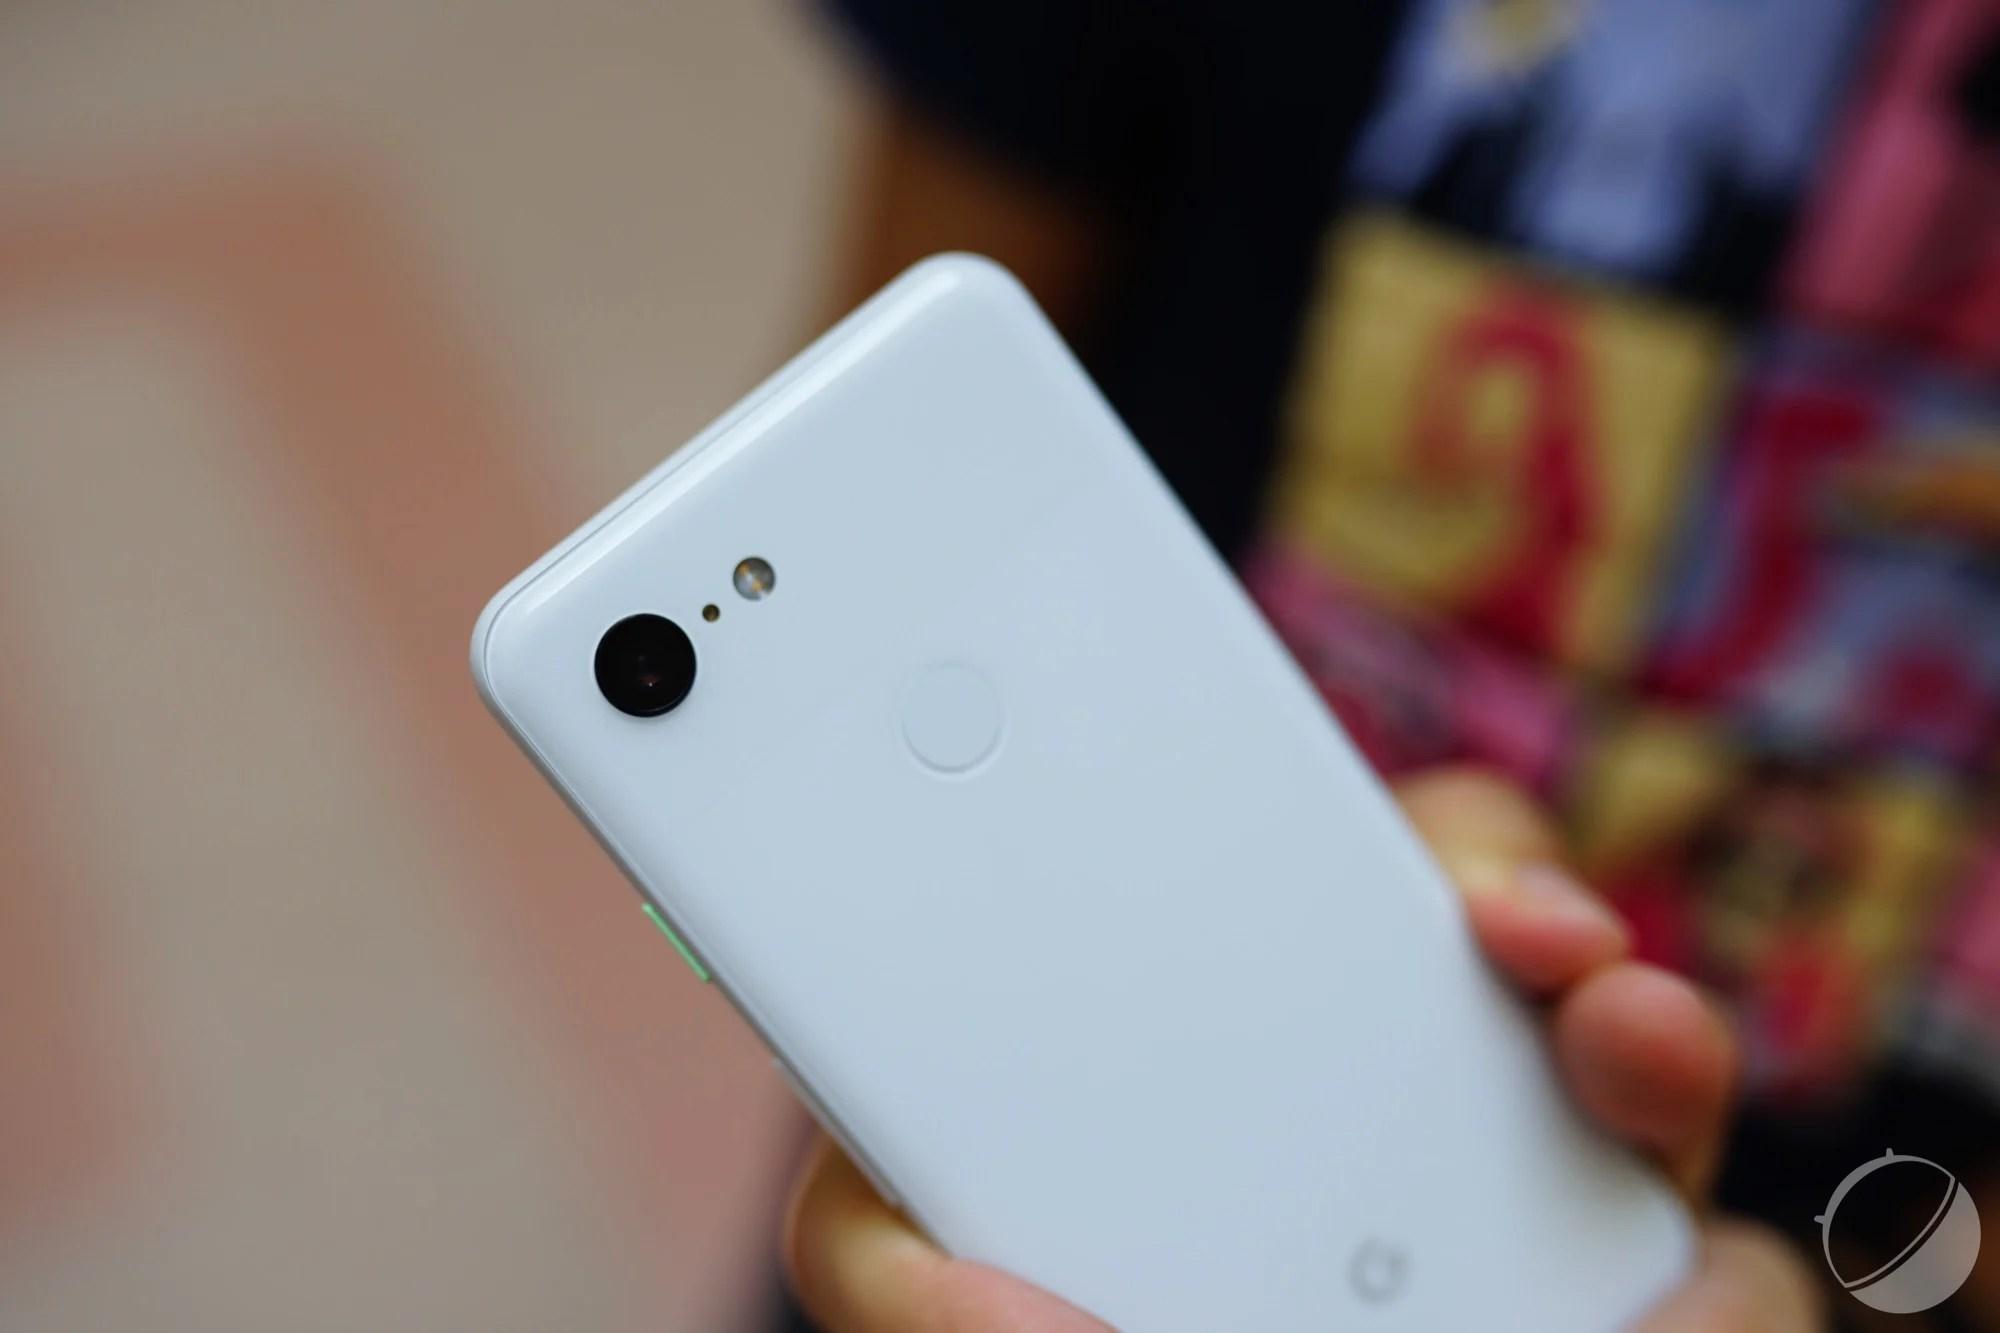 Google Pixel 3 : une « erreur fatale » fait planter l'appareil photo de certains smartphones